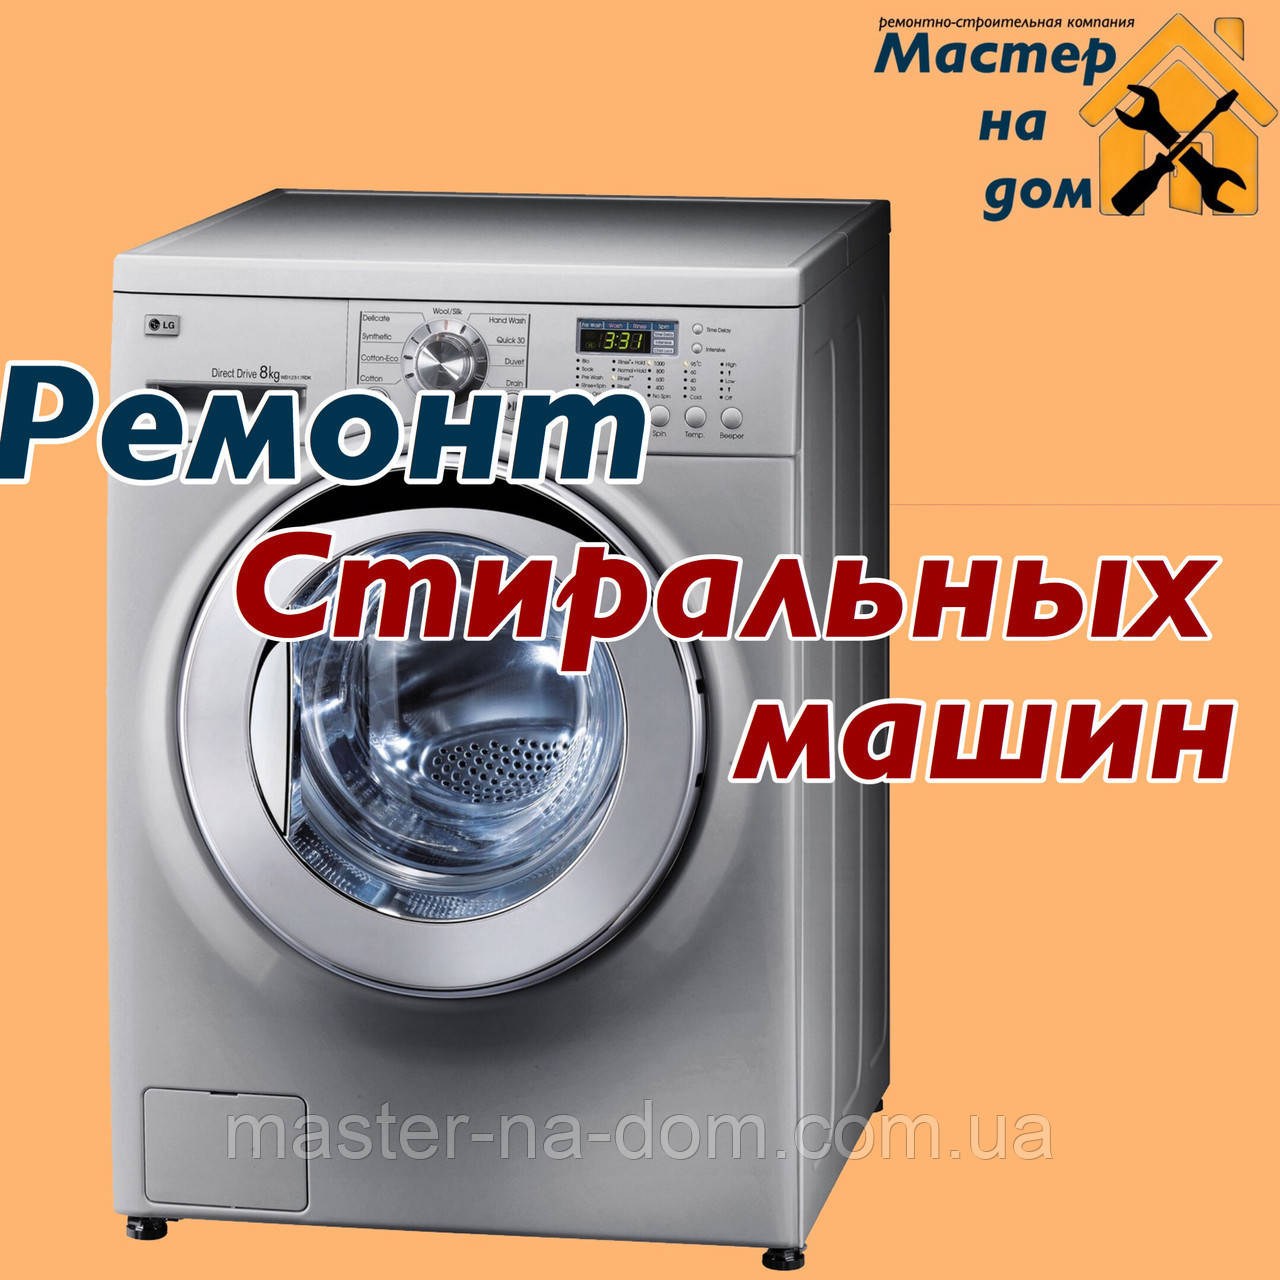 Ремонт стиральных машин в Полтаве, фото 1